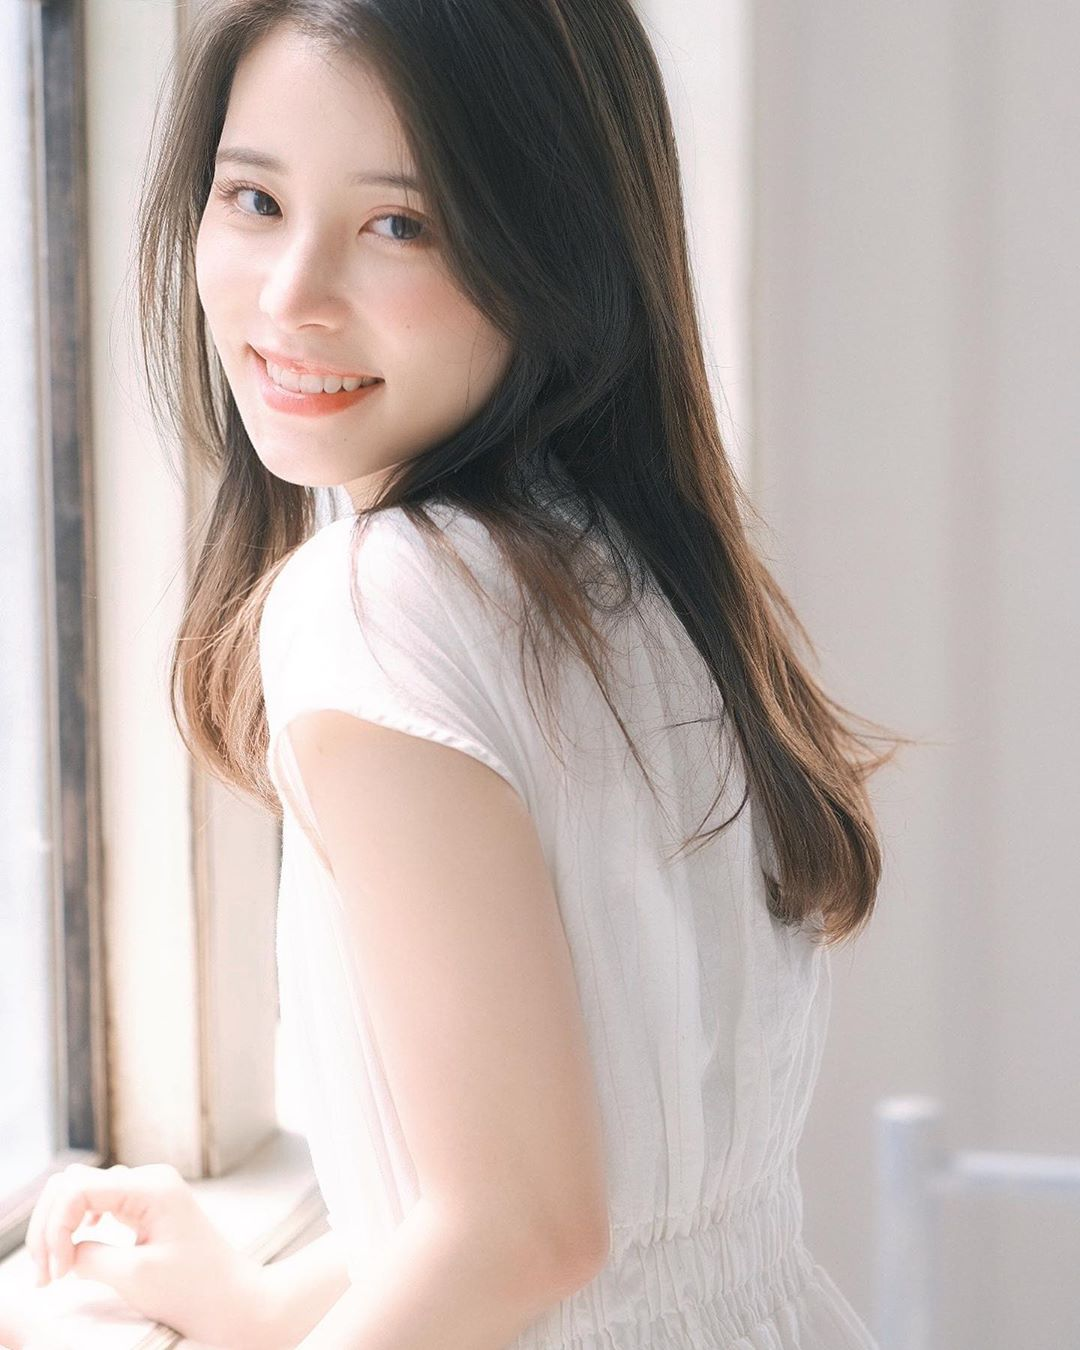 音乐高材生「葛佳慧」仙女气质好恋爱 笑容甜到蛀牙啦!